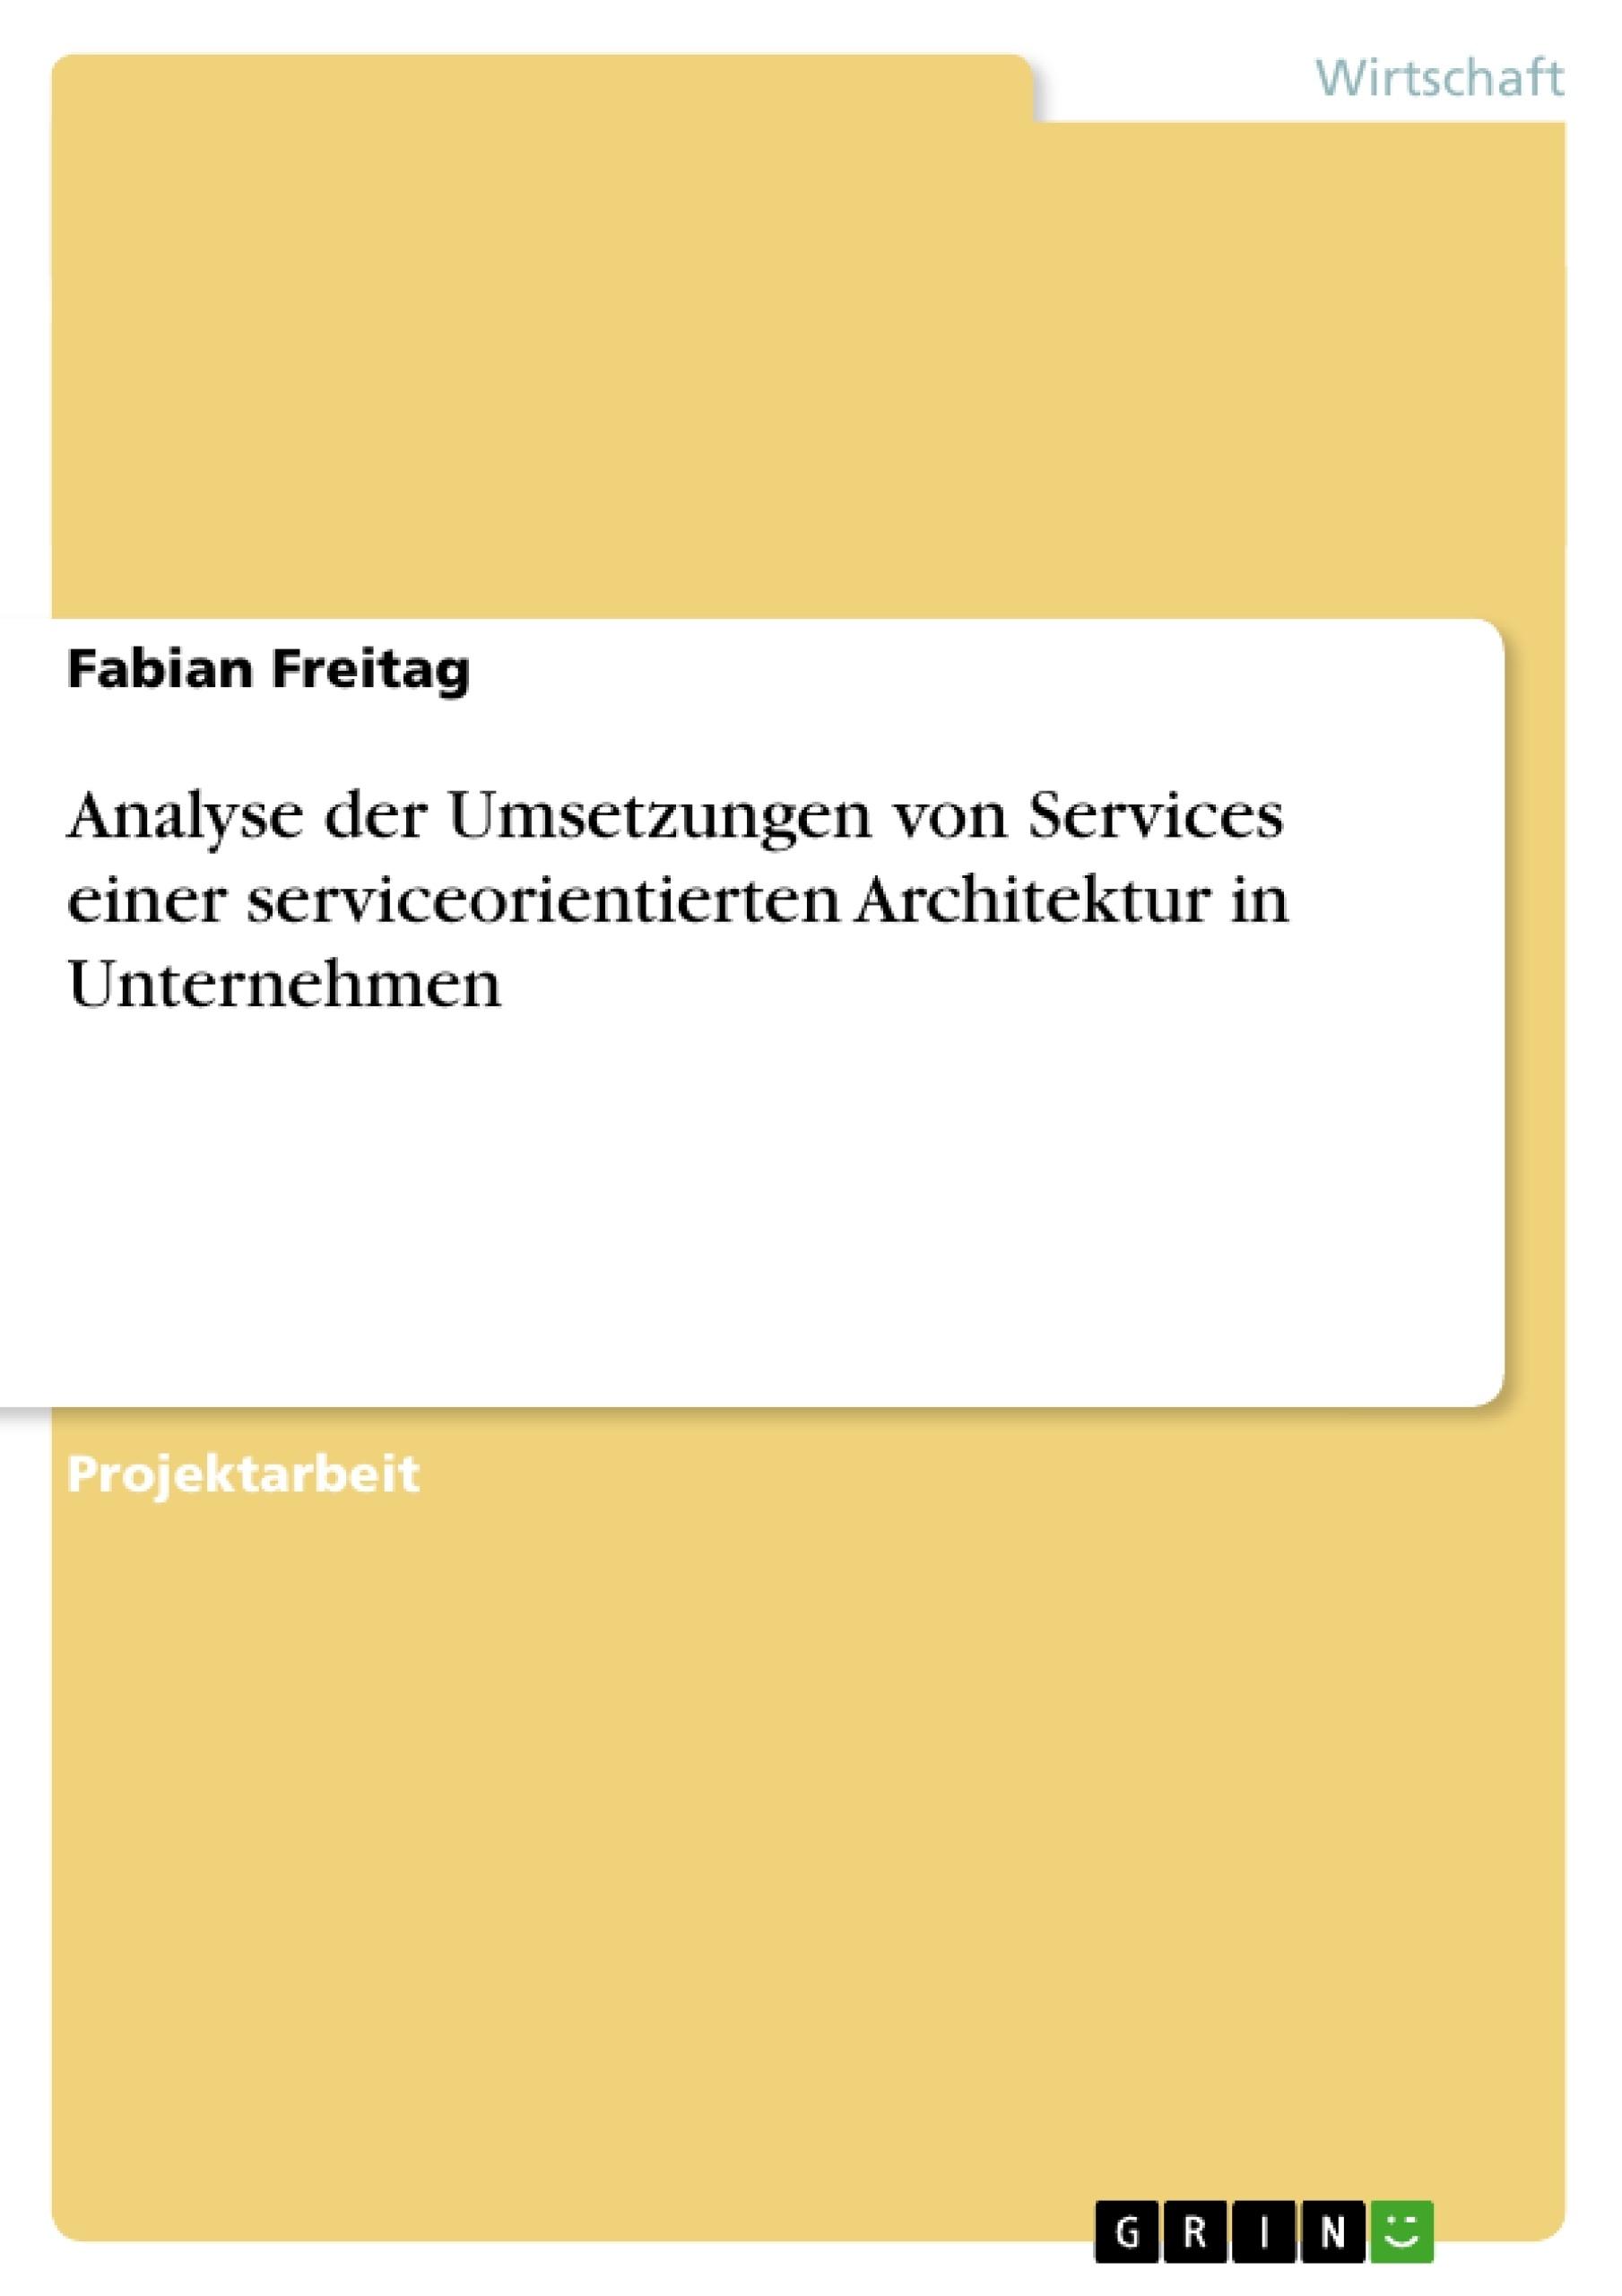 Titel: Analyse der Umsetzungen von Services einer serviceorientierten Architektur in Unternehmen